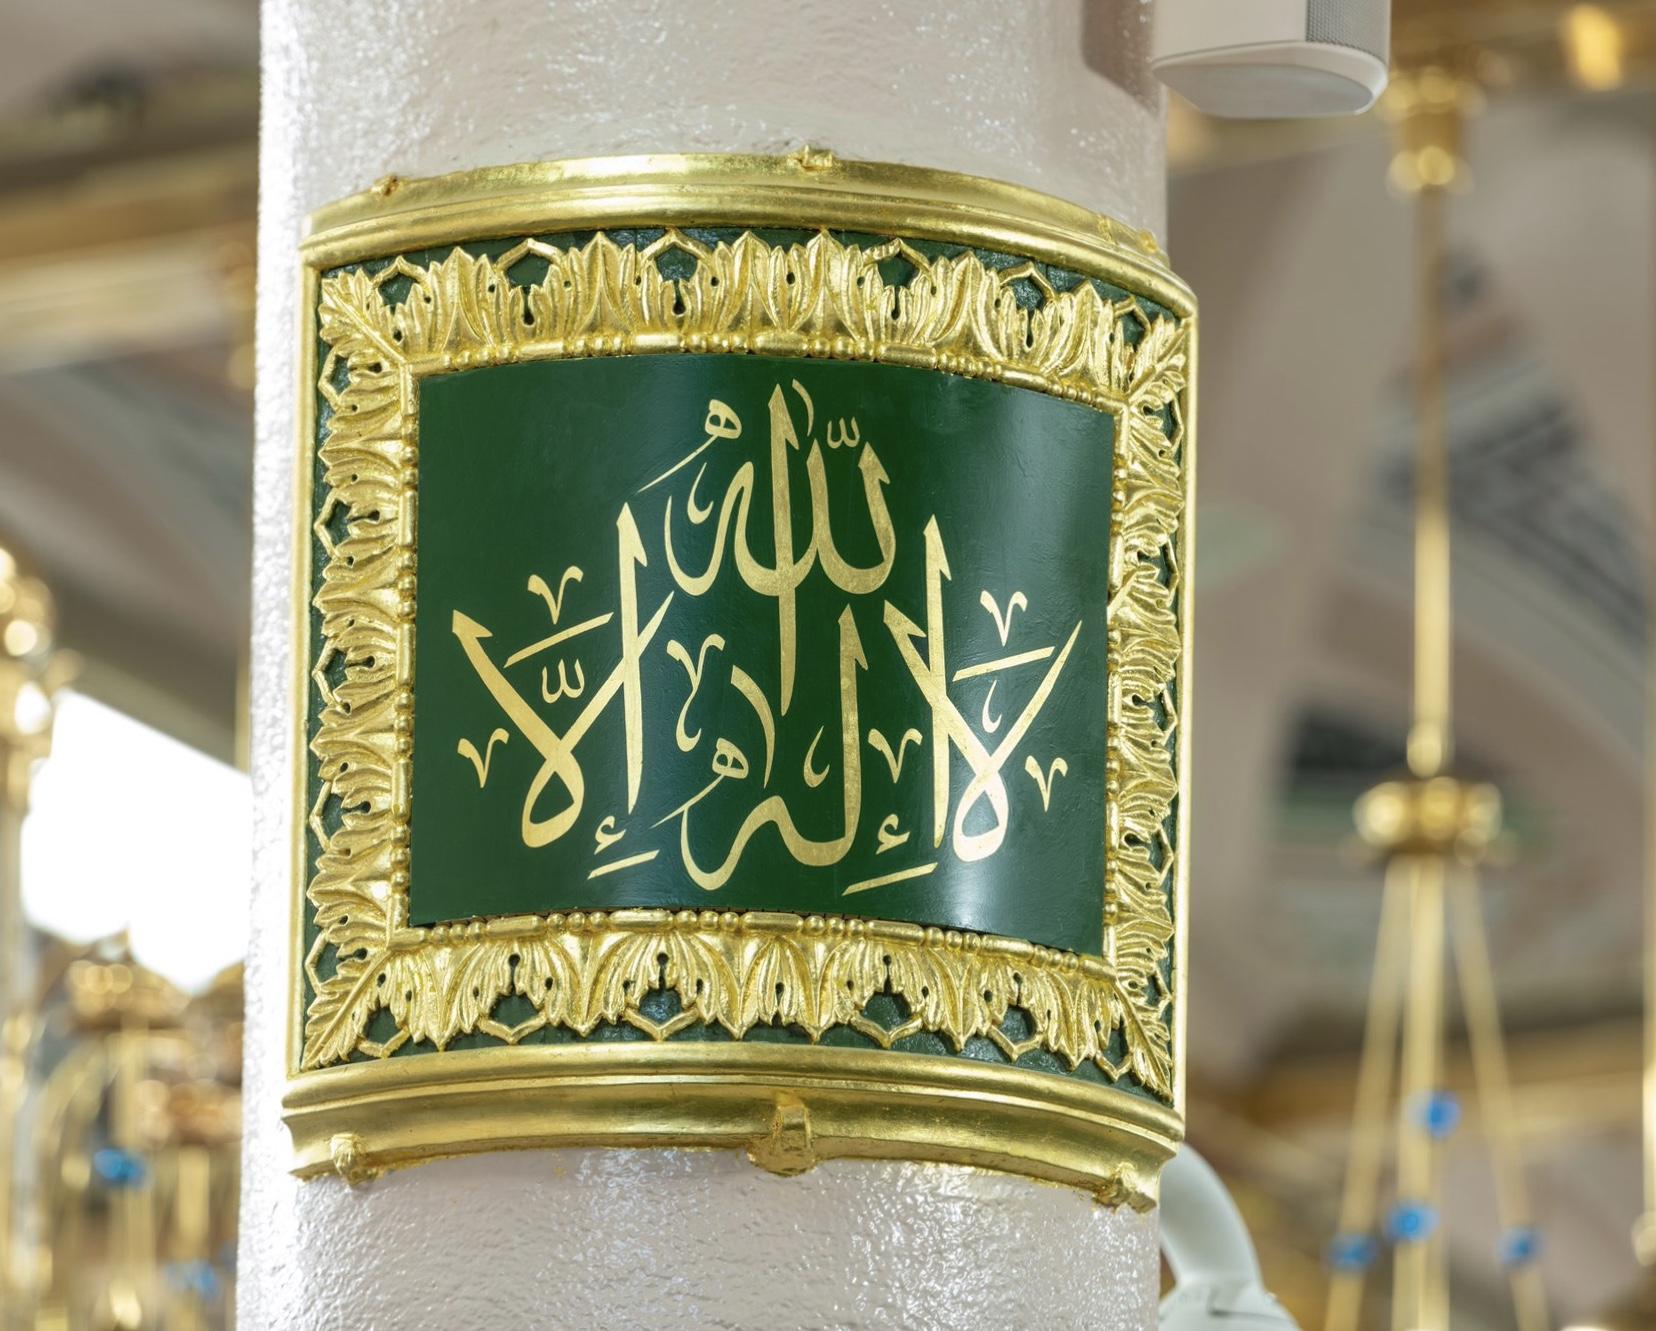 Fundamentos da Crença (5) – Qual é o Significado do Testemunho de Fé: Laa ilaha illa Allah [ لَا إِله إلَّا  اللَّه]?